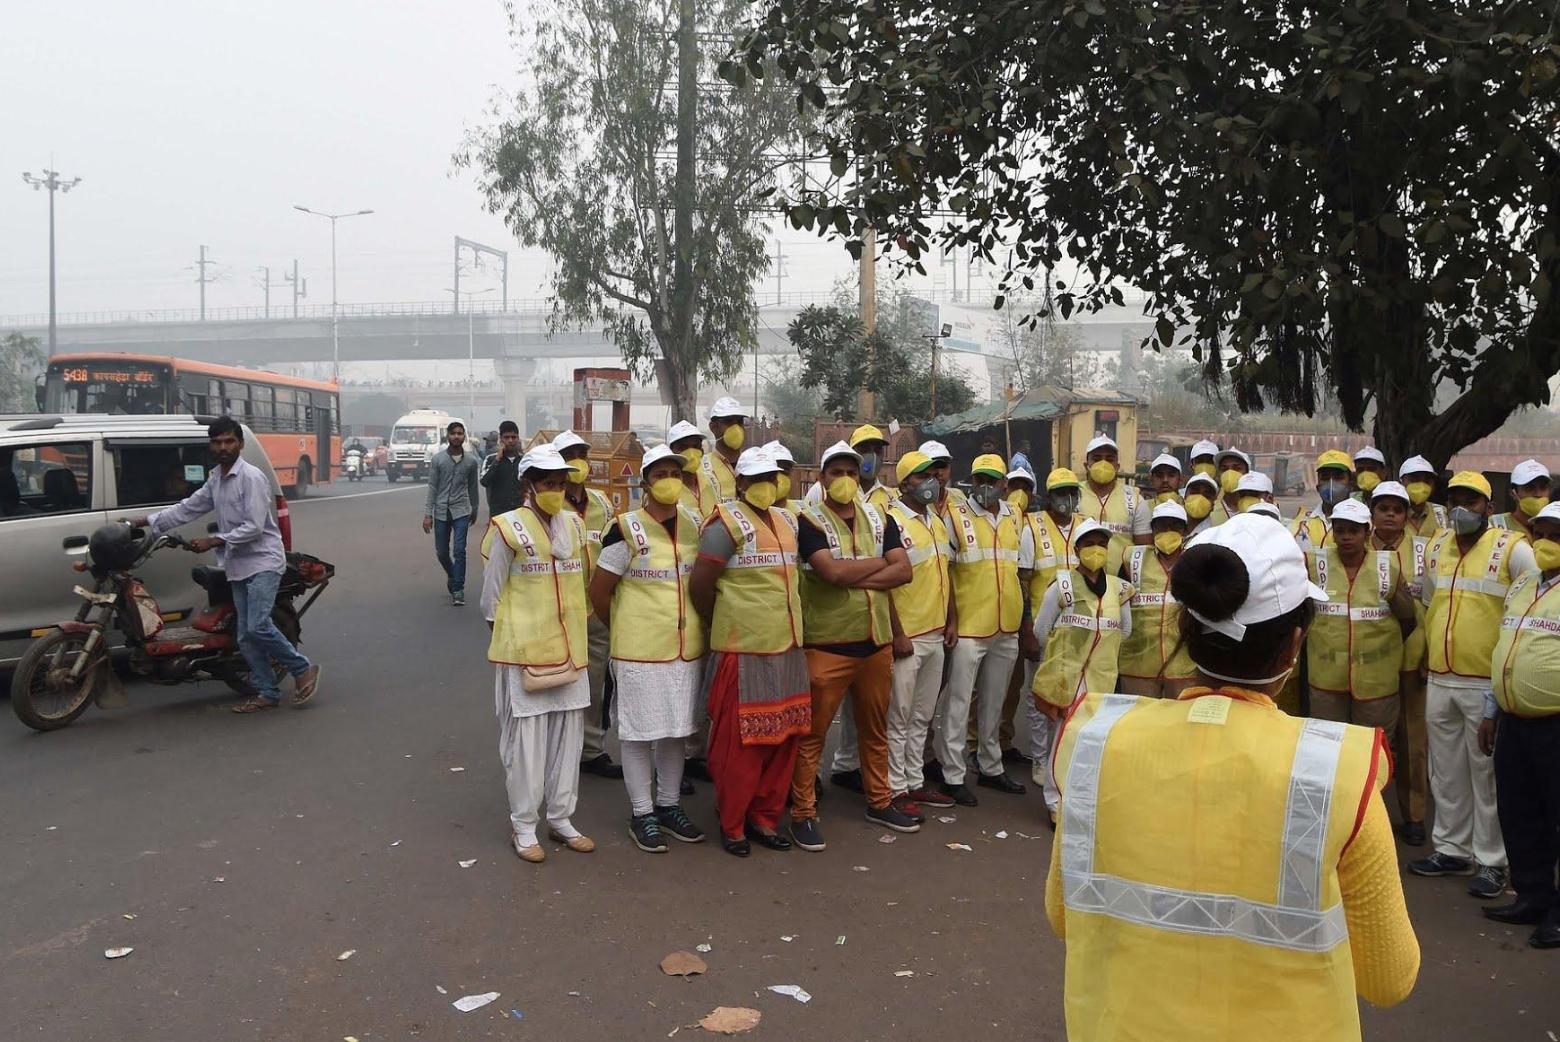 Poluição do ar em Nova Délhi atinge níveis venenosos